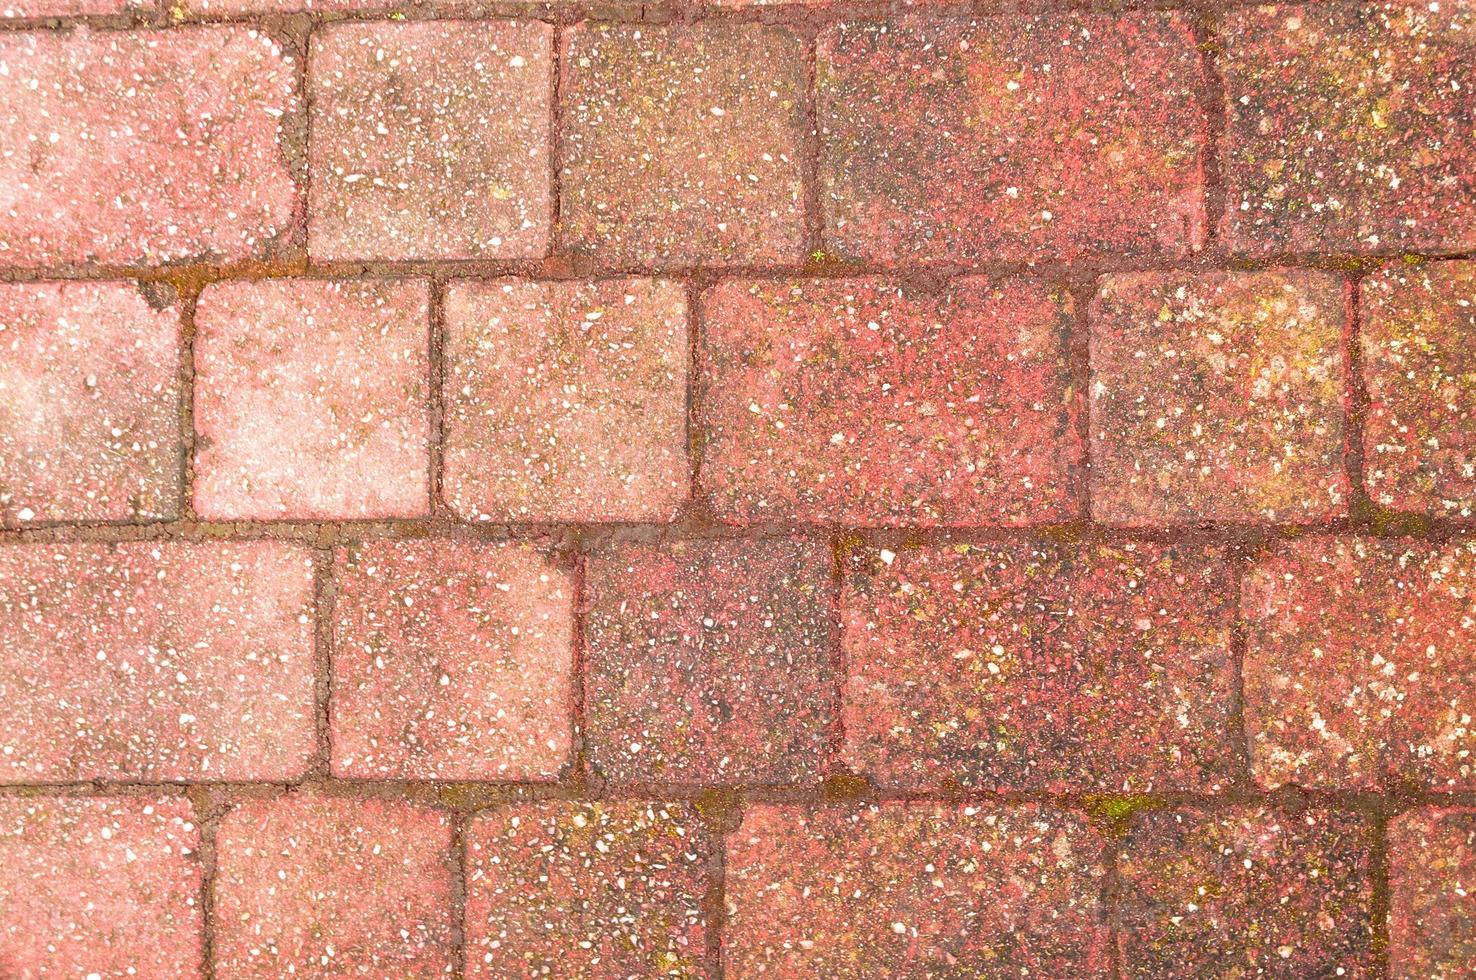 Blockpflasterhintergrund foto